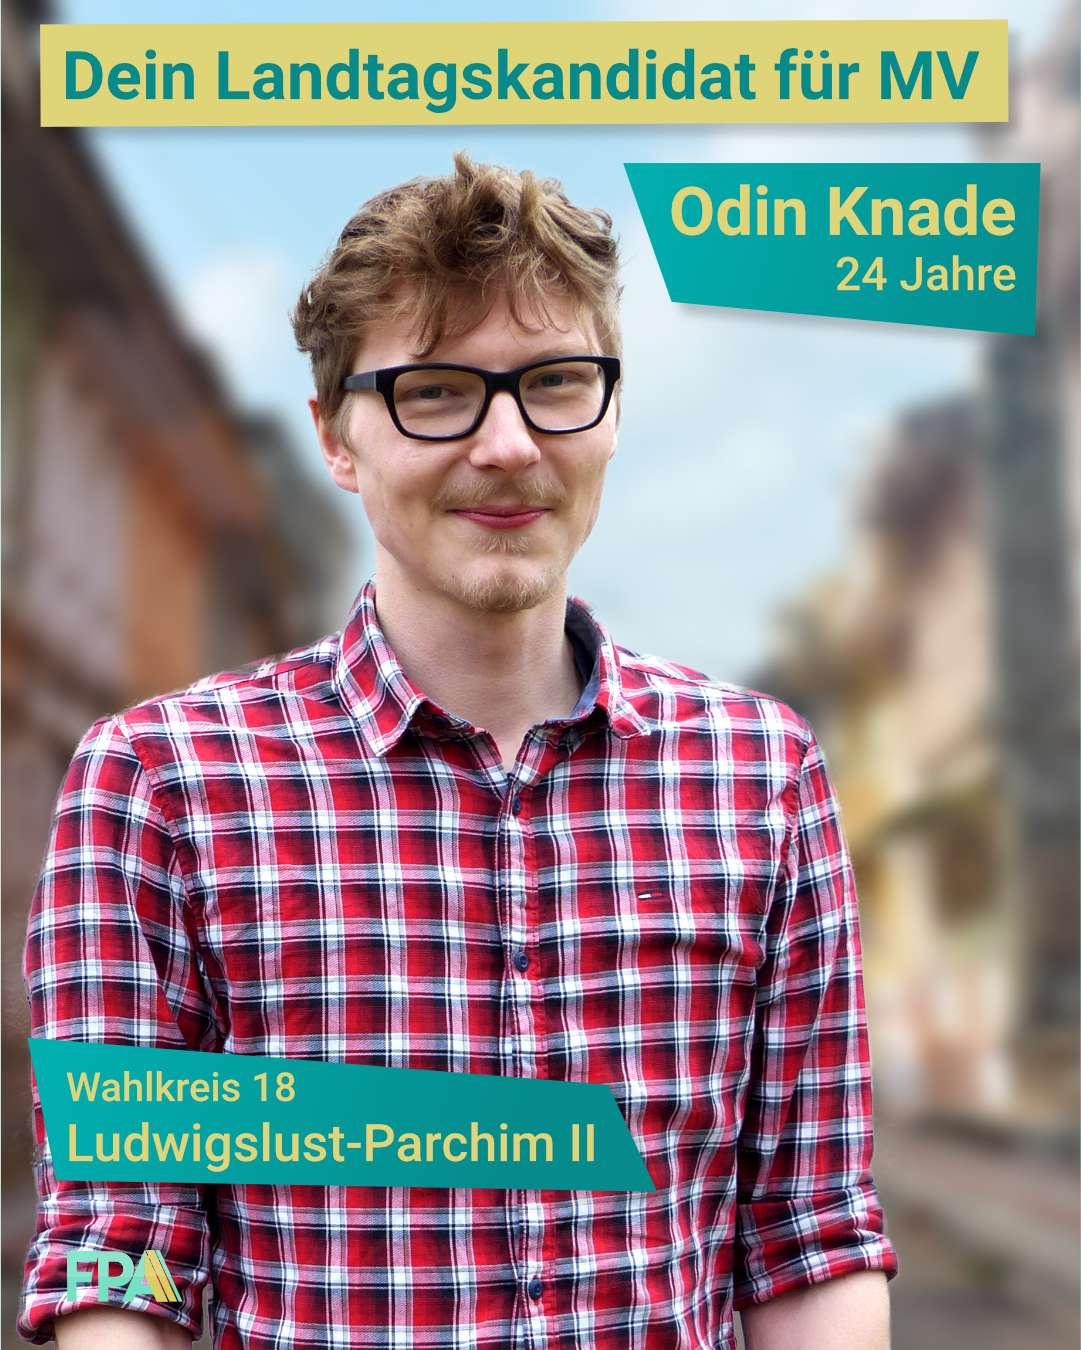 Odin Knade